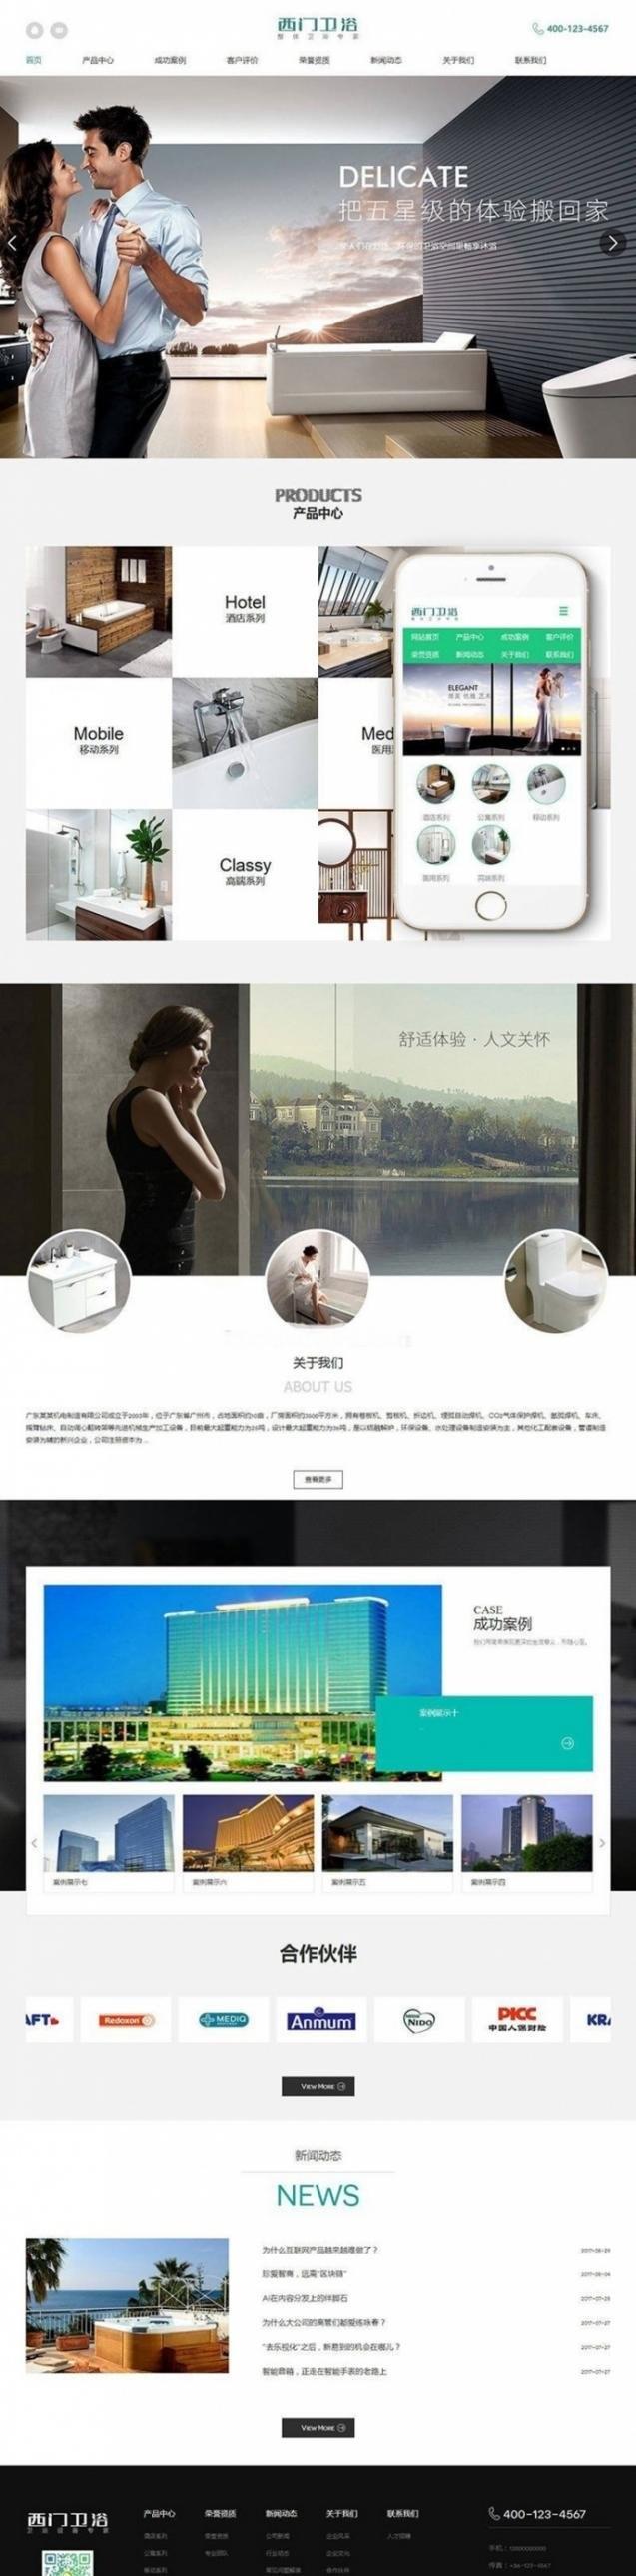 【织梦家居卫浴模板】dedecms家居卫浴类企业网站源码自适应手机端